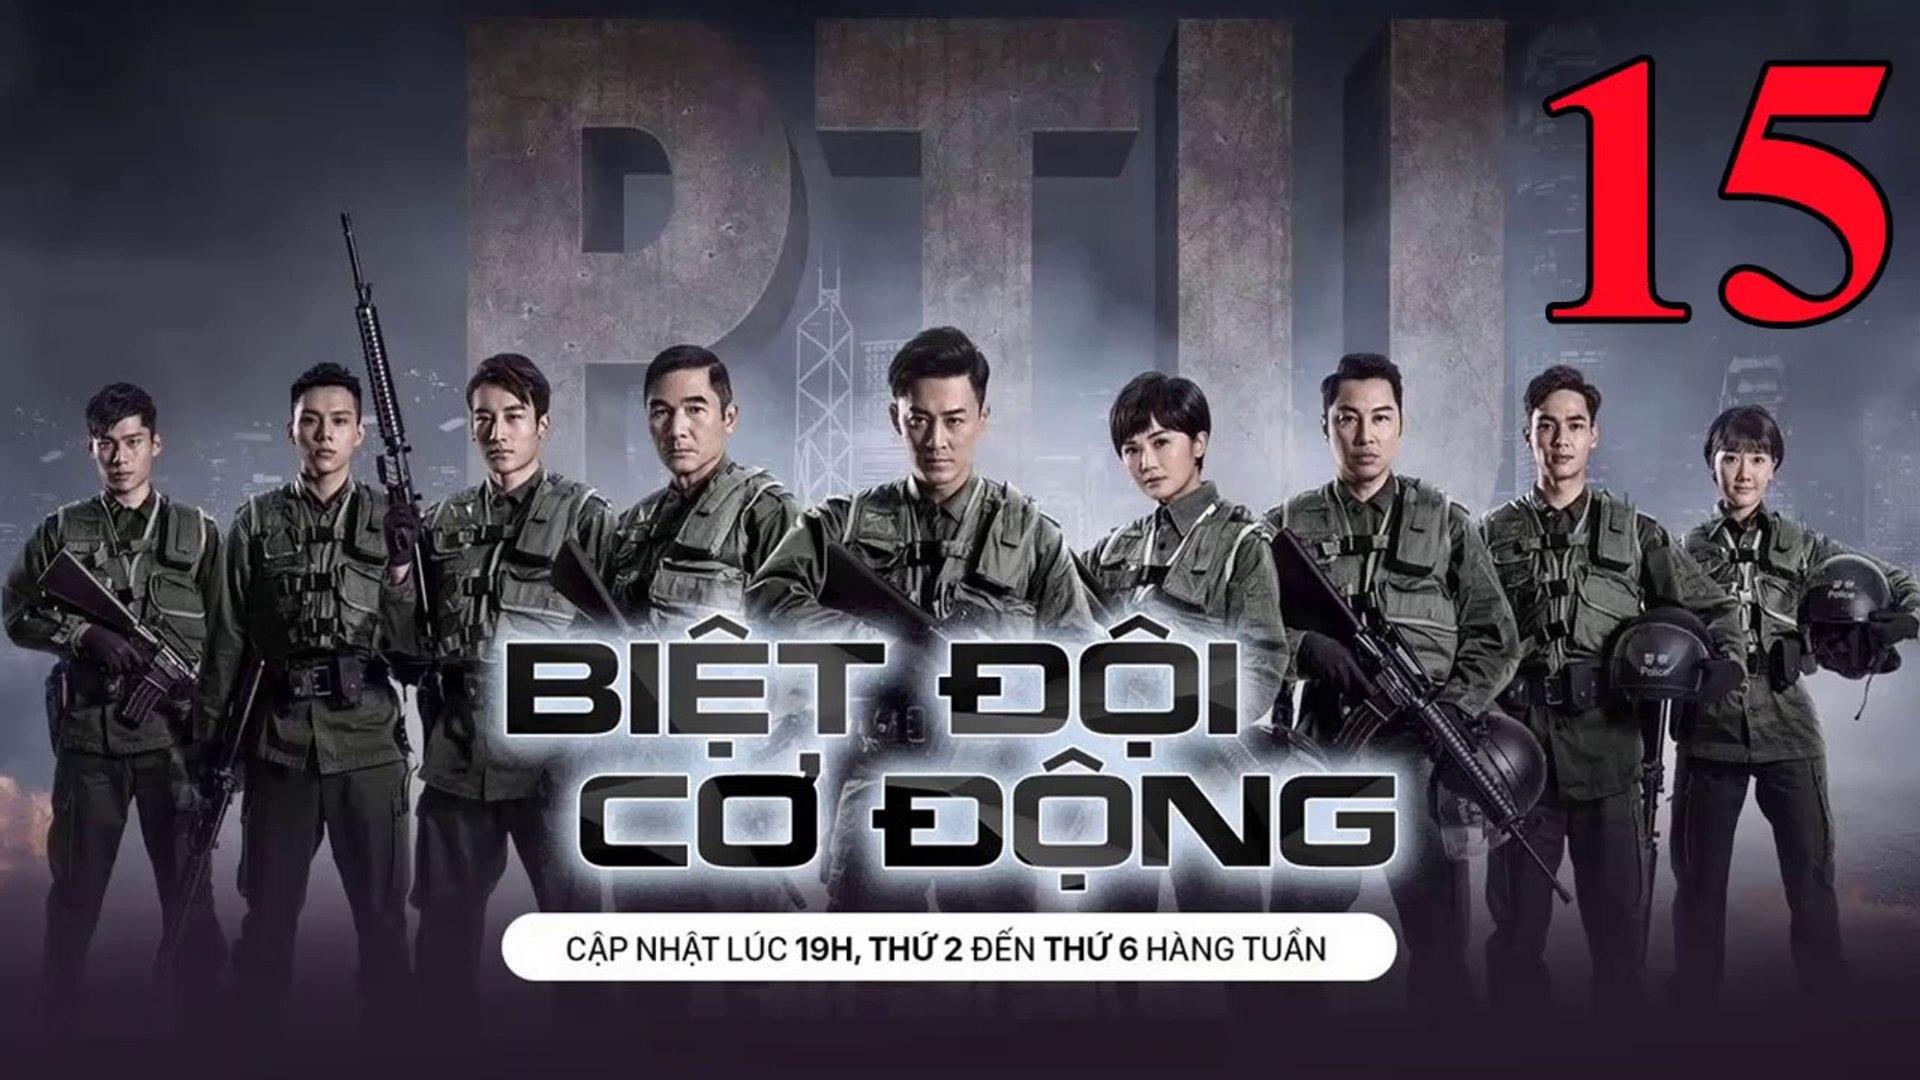 Phim Hành Động TVB: Biệt Đội Cơ Động Tập 15 Vietsub | 机动部队 Police Tactical Unit Ep.15 HD 2019